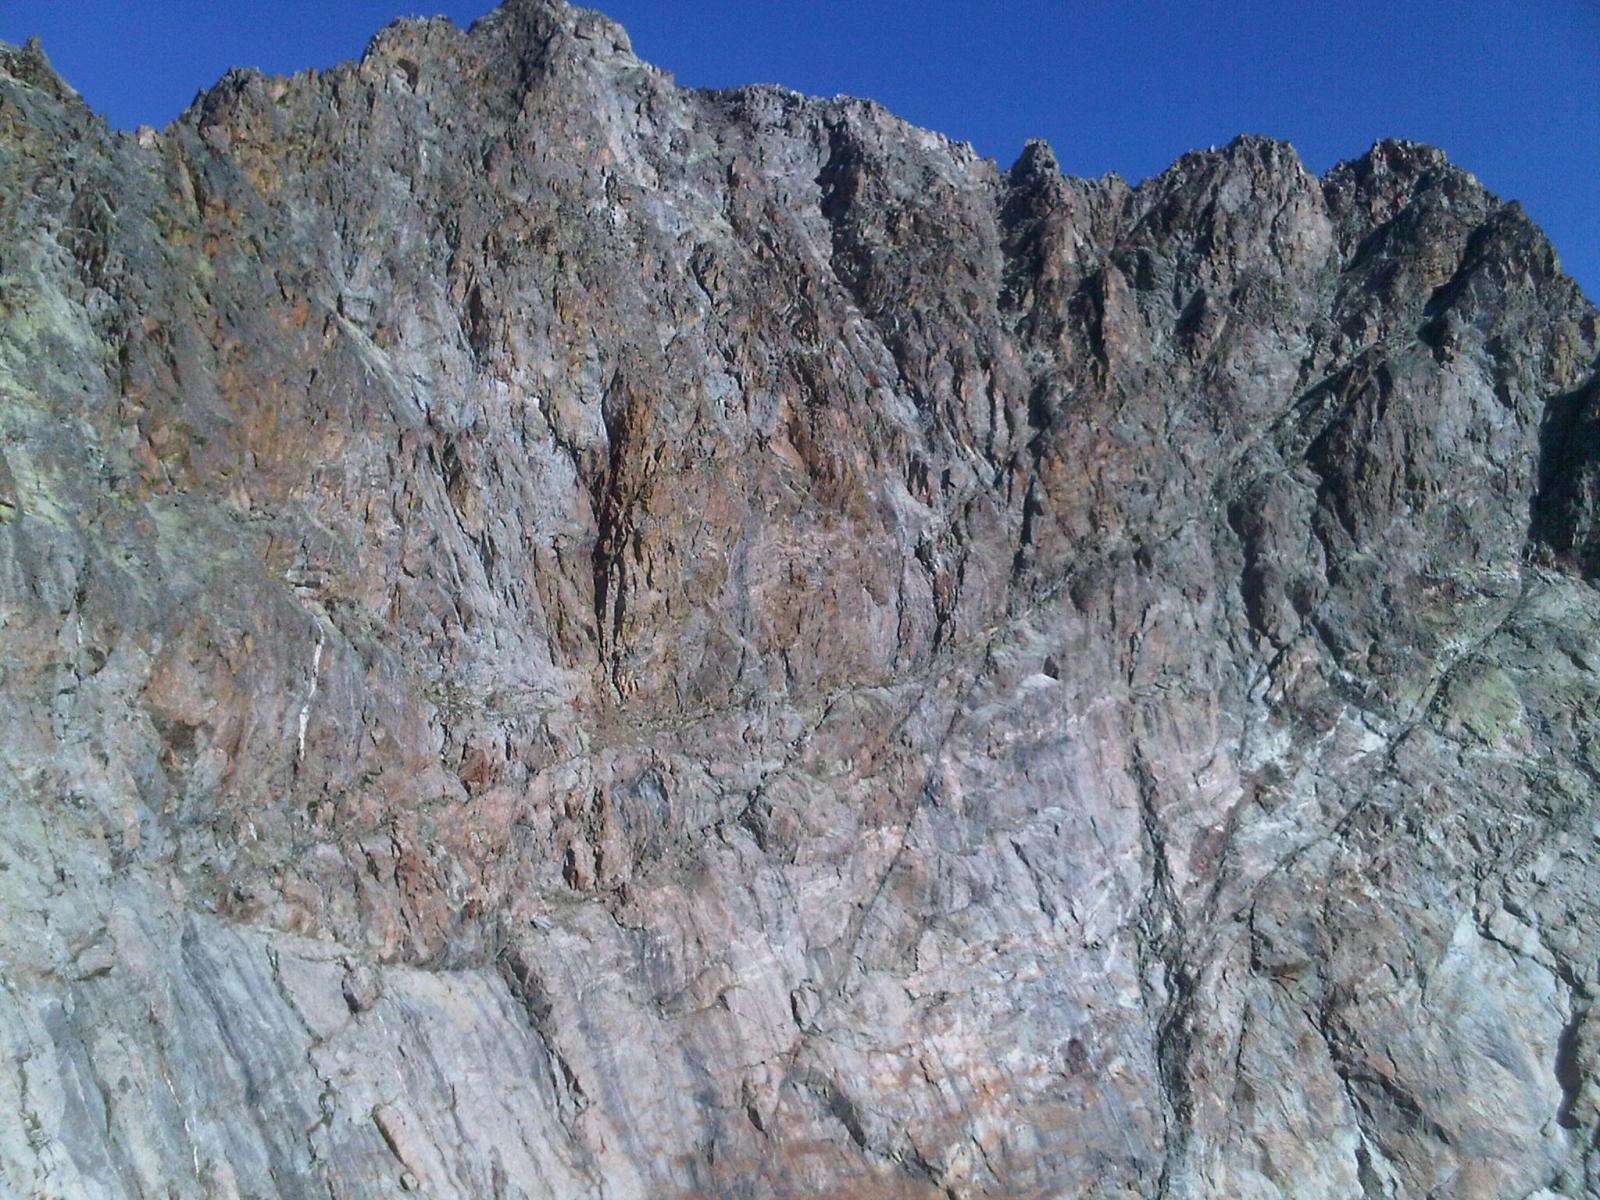 Mte. Argentera 08-11 August 2012 (Photo 27)